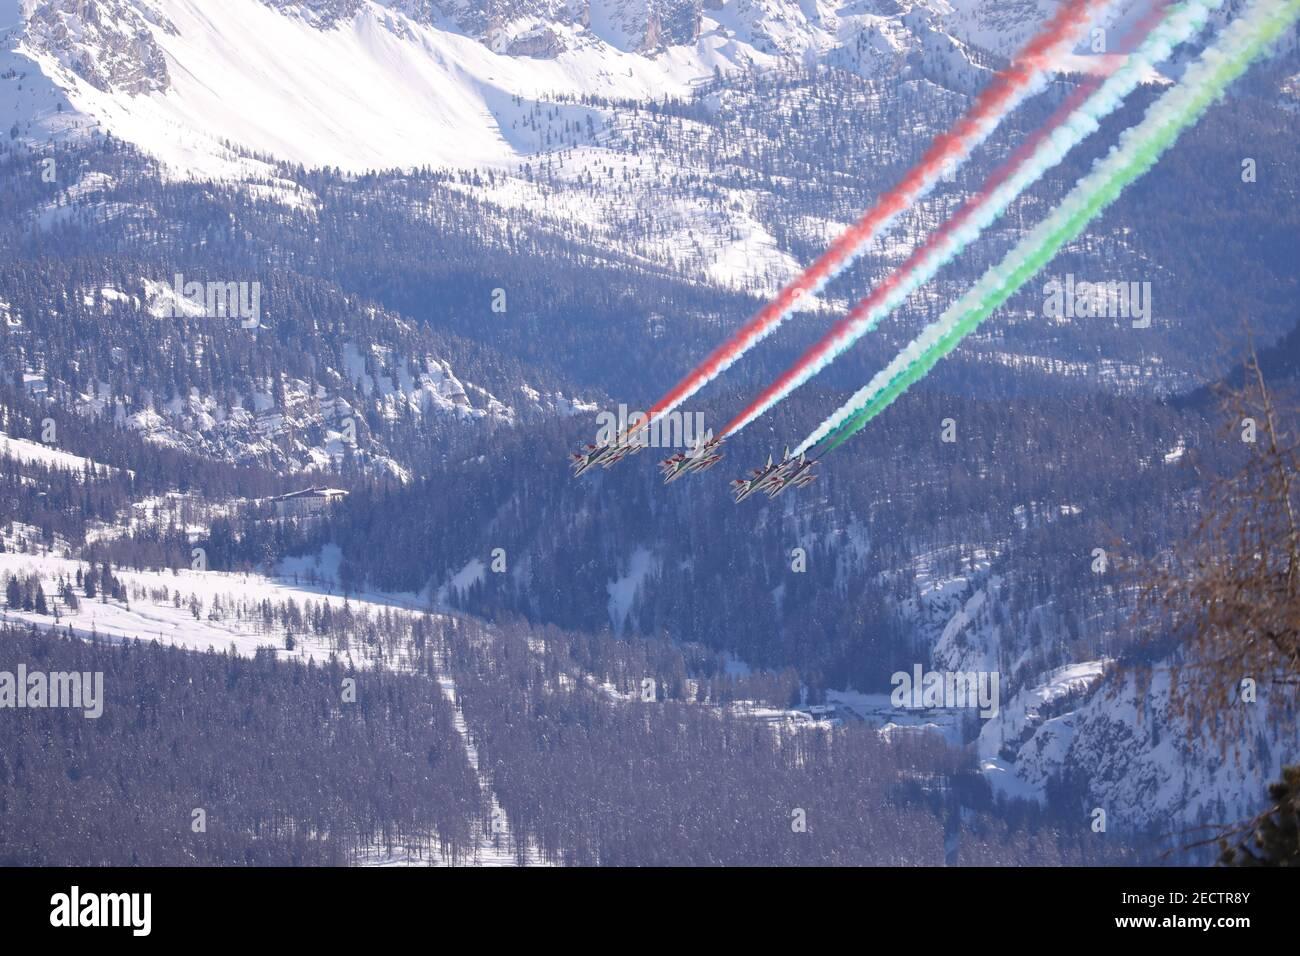 2/14/2021 - Frecce Tricolori akrobatische Luftpatrouille während 2021 FIS  Alpine Skiweltmeisterschaften - Abfahrt - Männer, alpines Skirennen in  Cortina (BL), Italien, Februar 14 2021 (Foto: IPA/Sipa USA) Credit: SIPA  USA/Alamy Live News ...